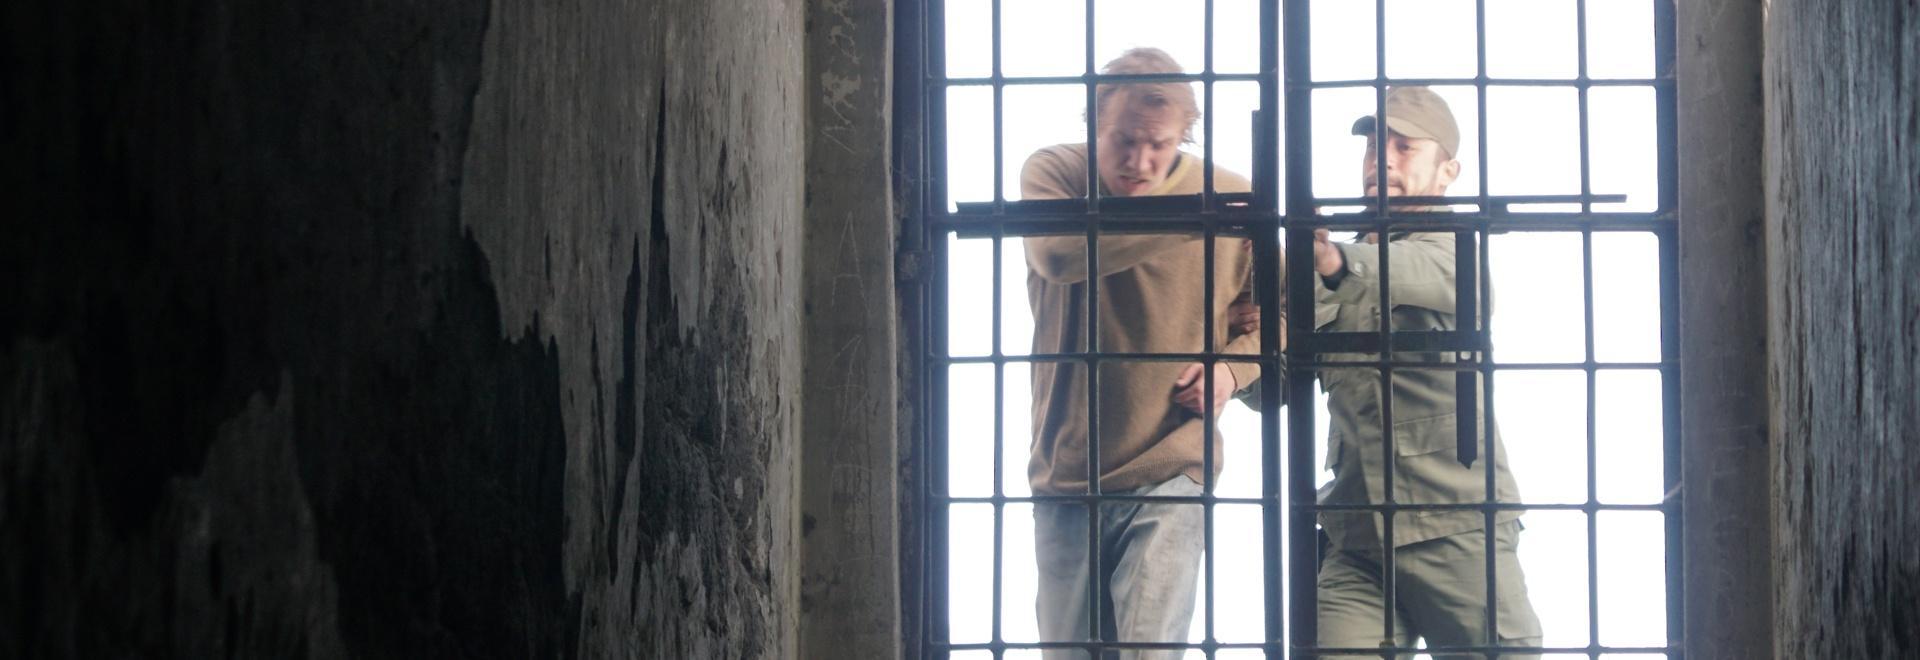 Prigionieri di viaggio